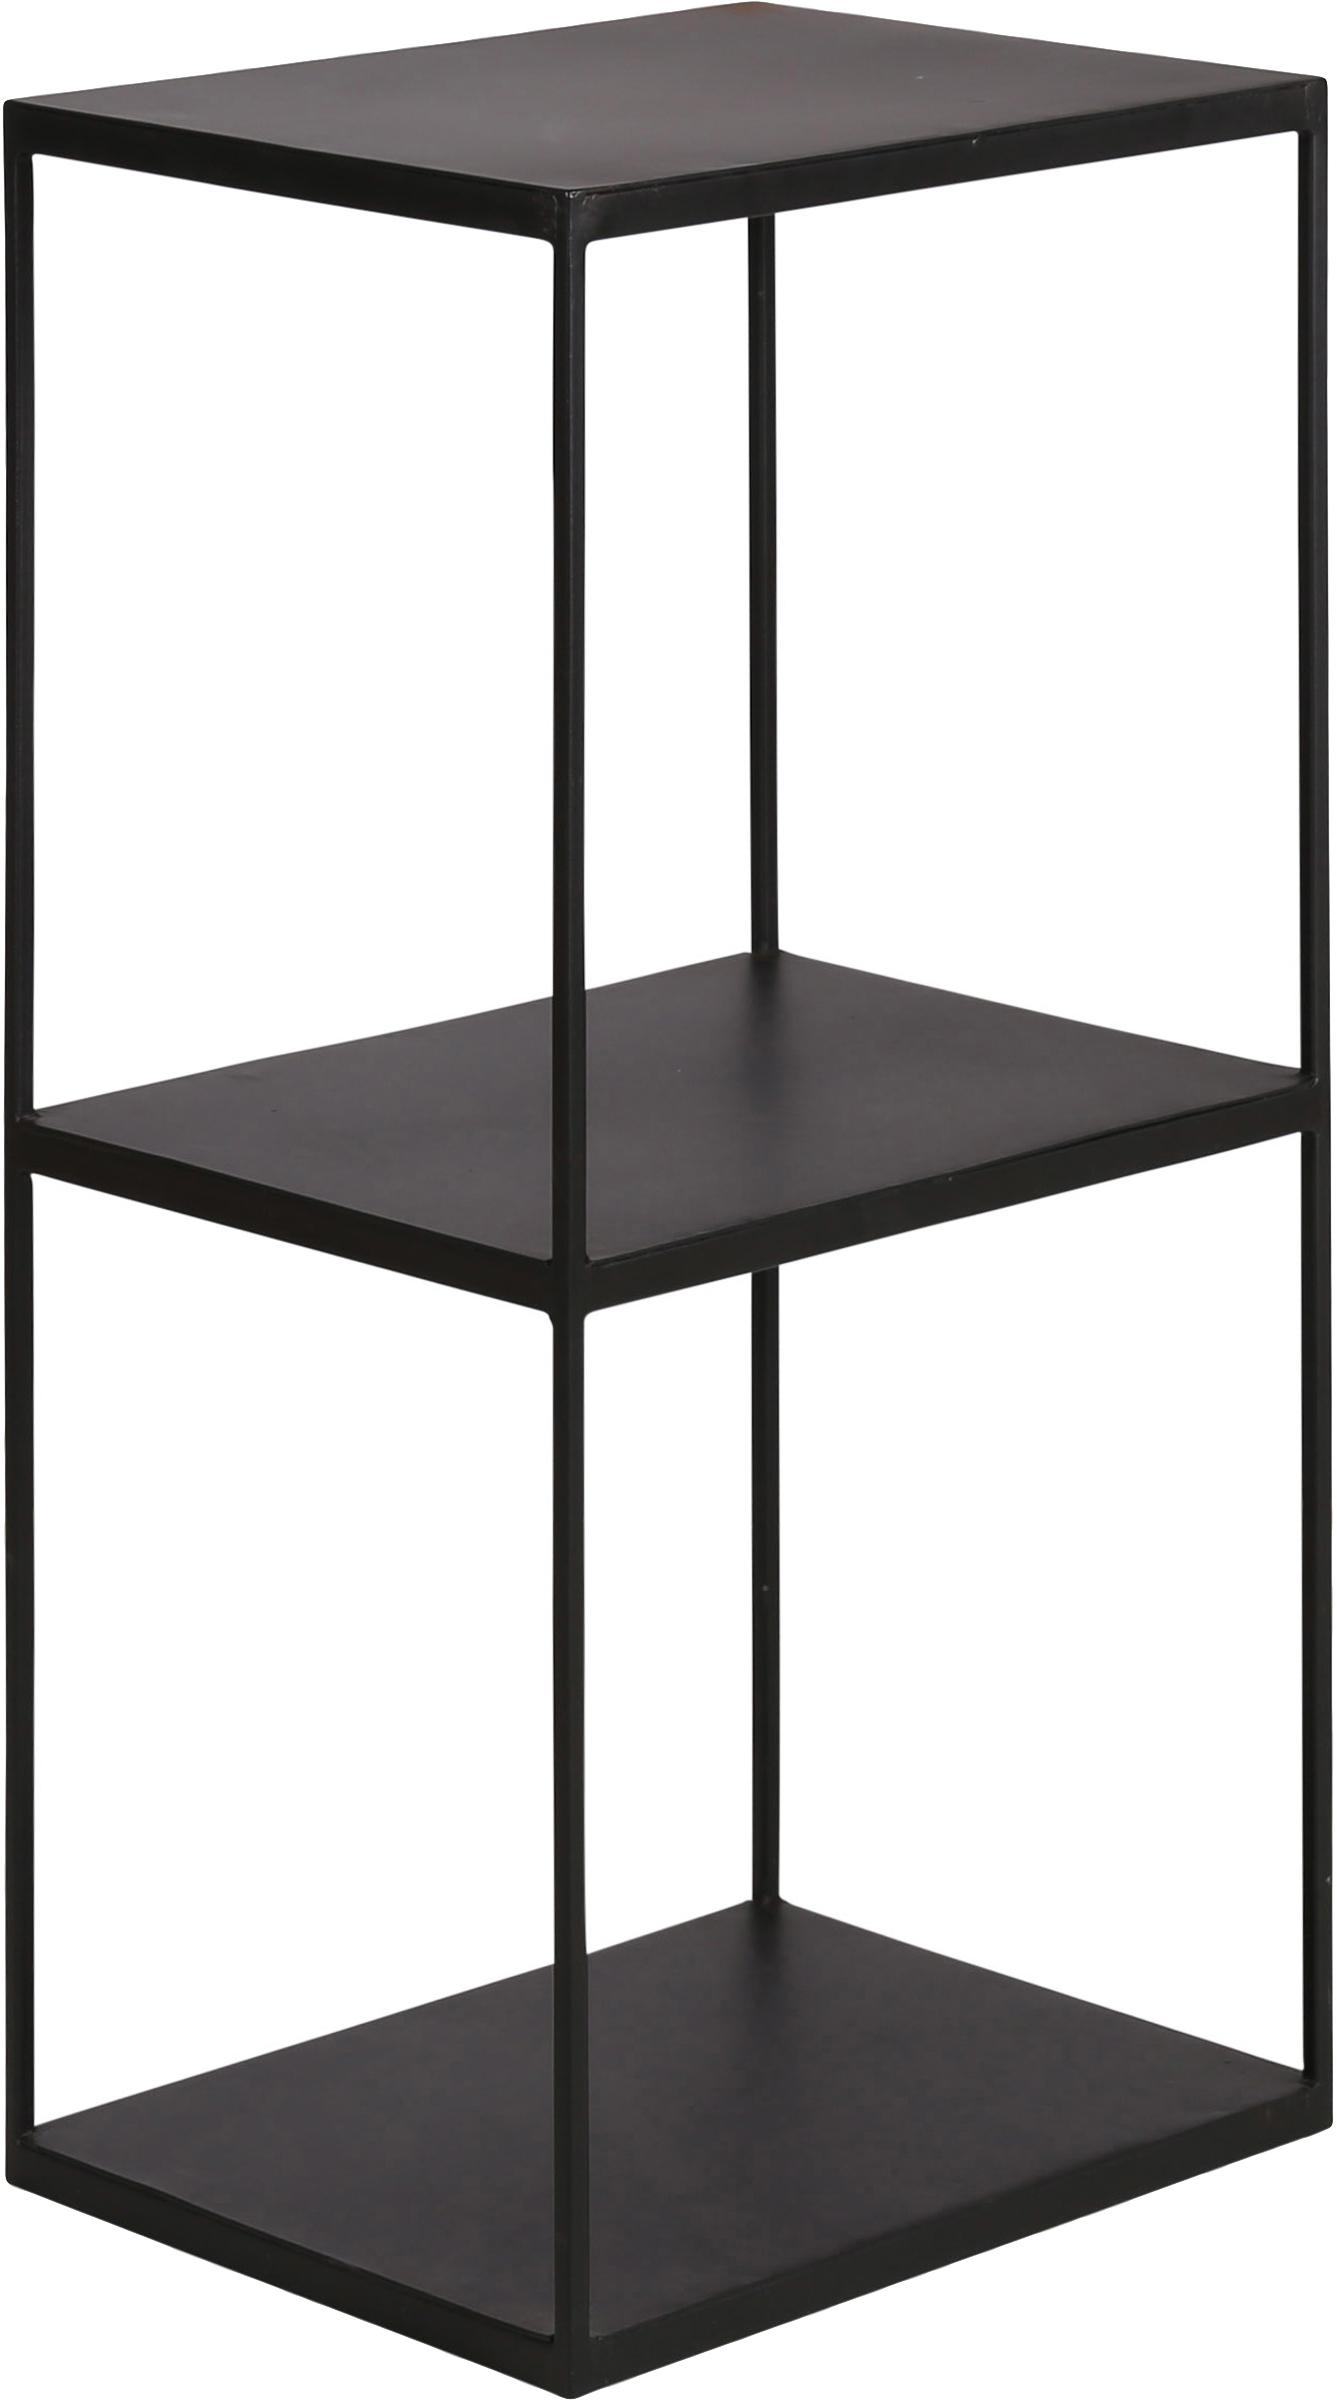 Scaffale in metallo nero  Expo, Metallo rivestito, Nero, Larg. 43 x Alt. 86 cm